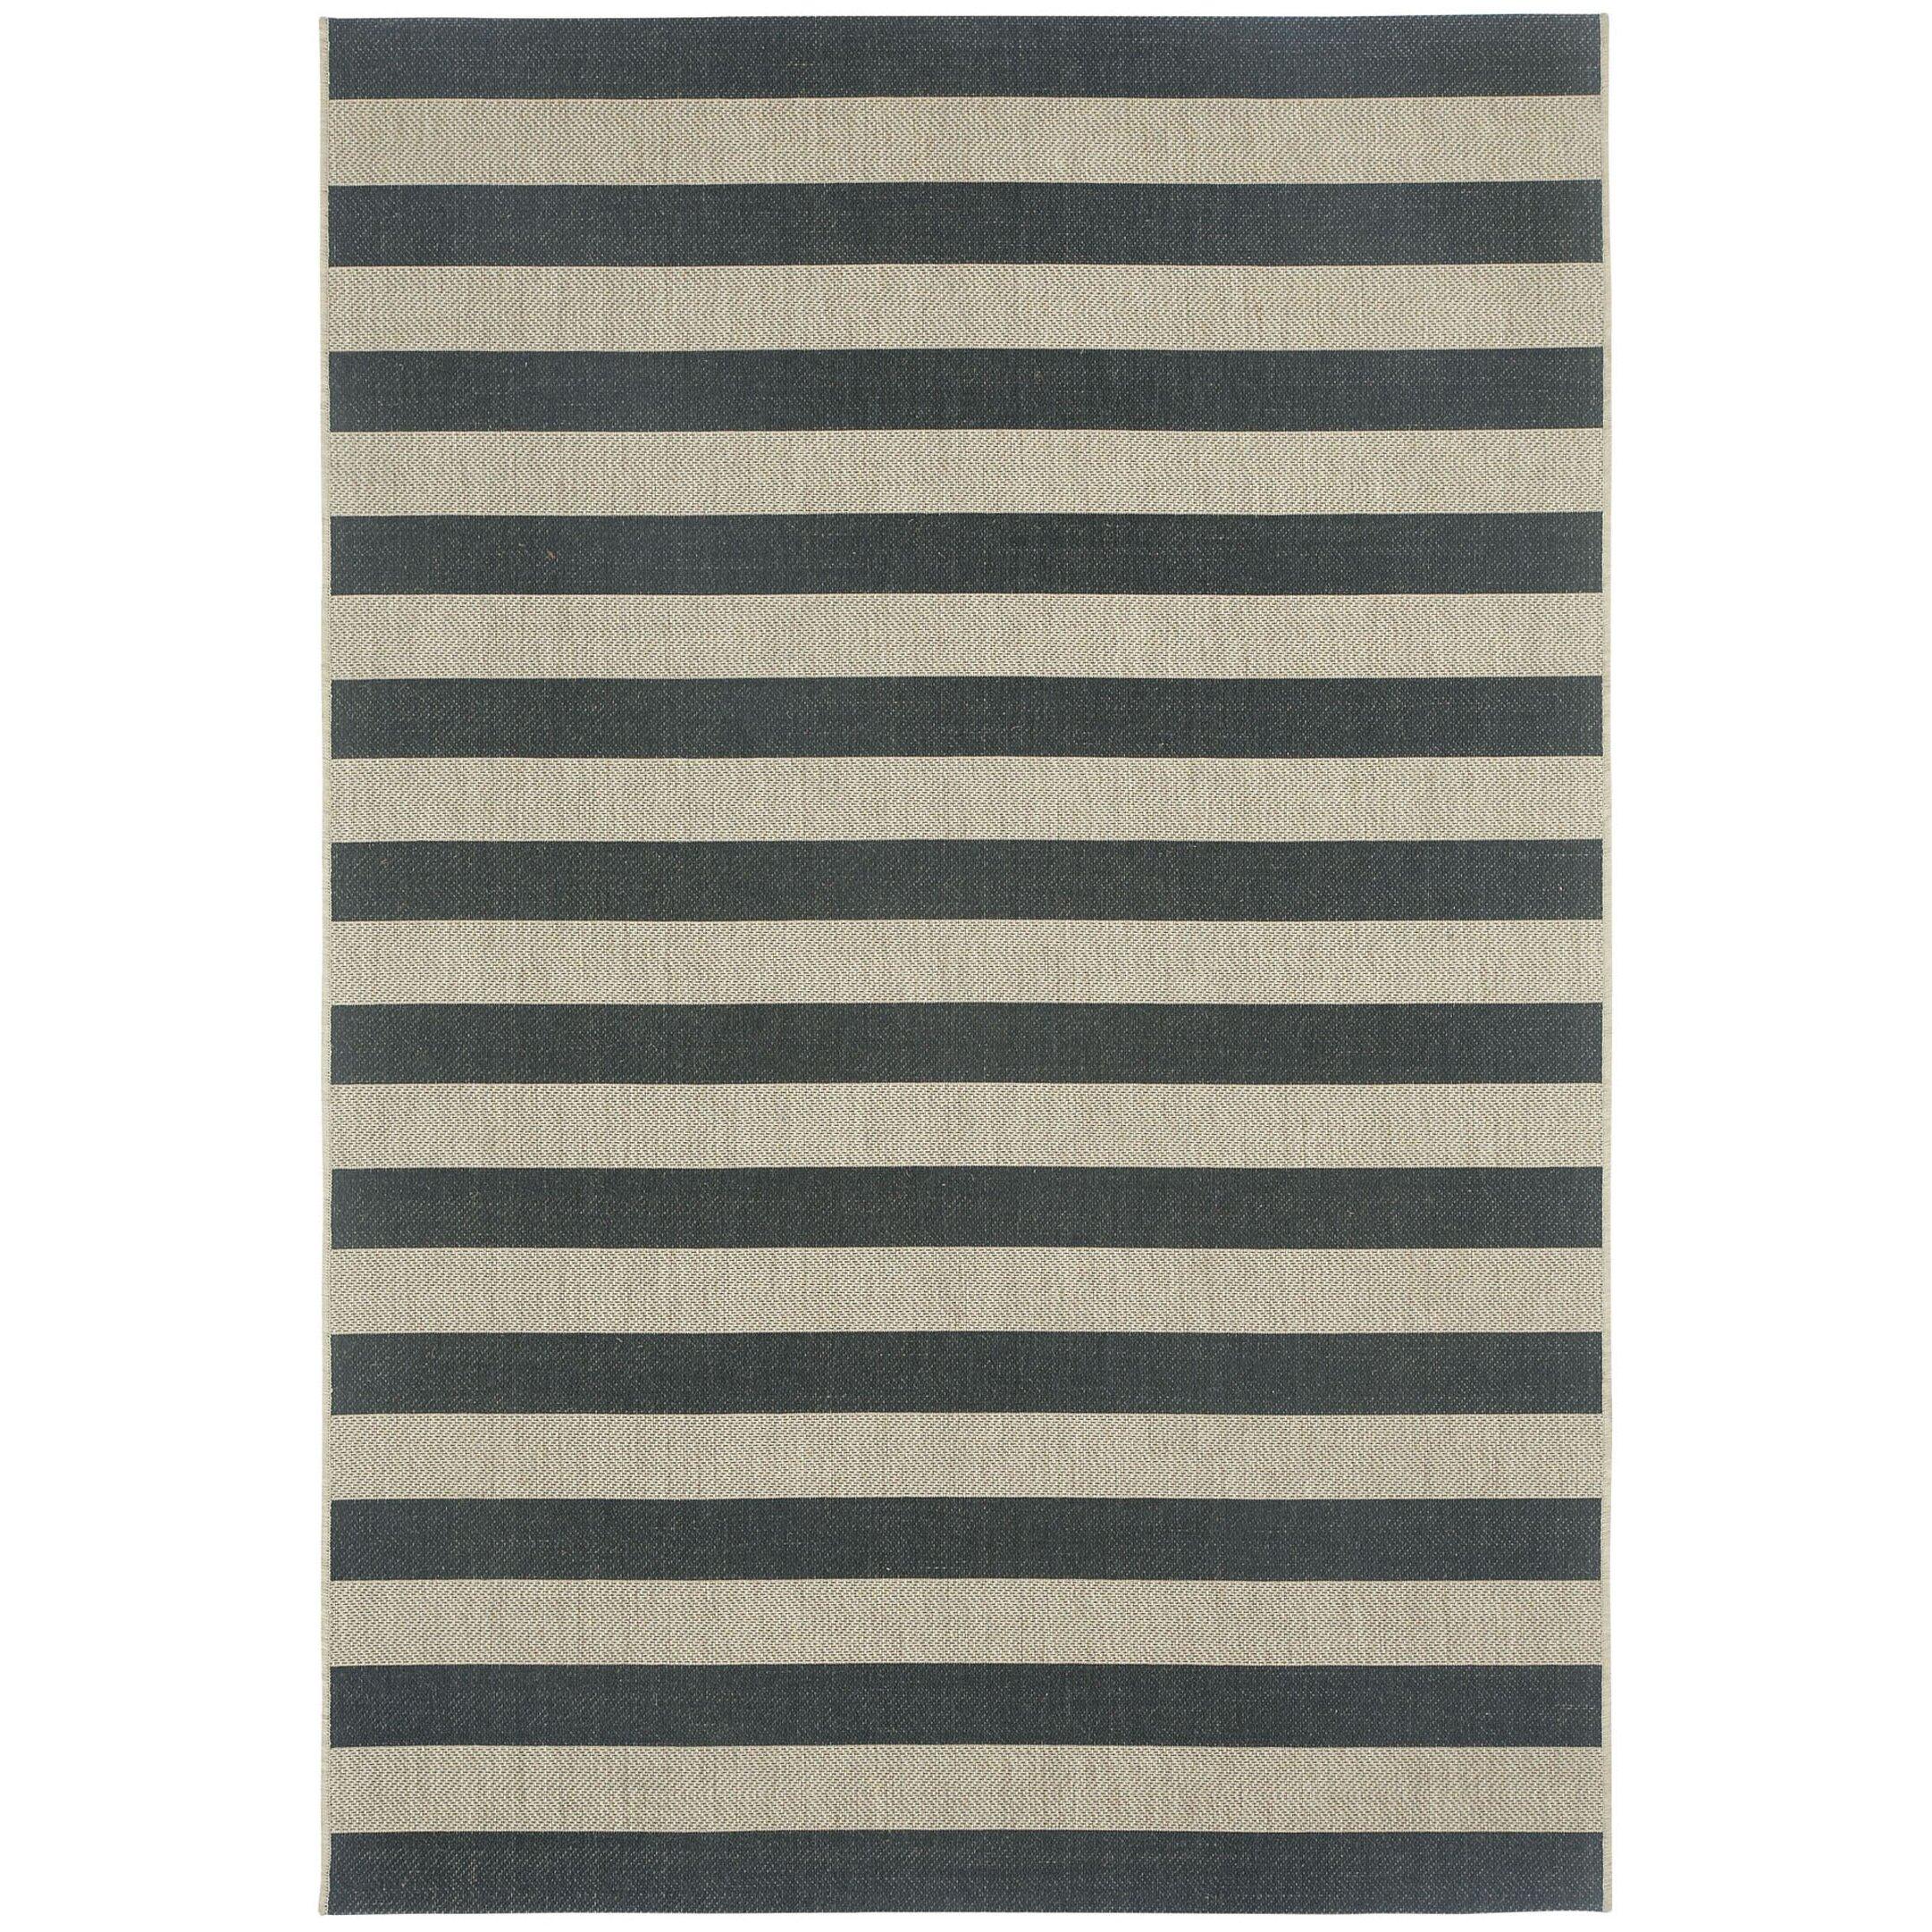 Capel Elsinore Cinders Black Grey Striped Outdoor Area Rug